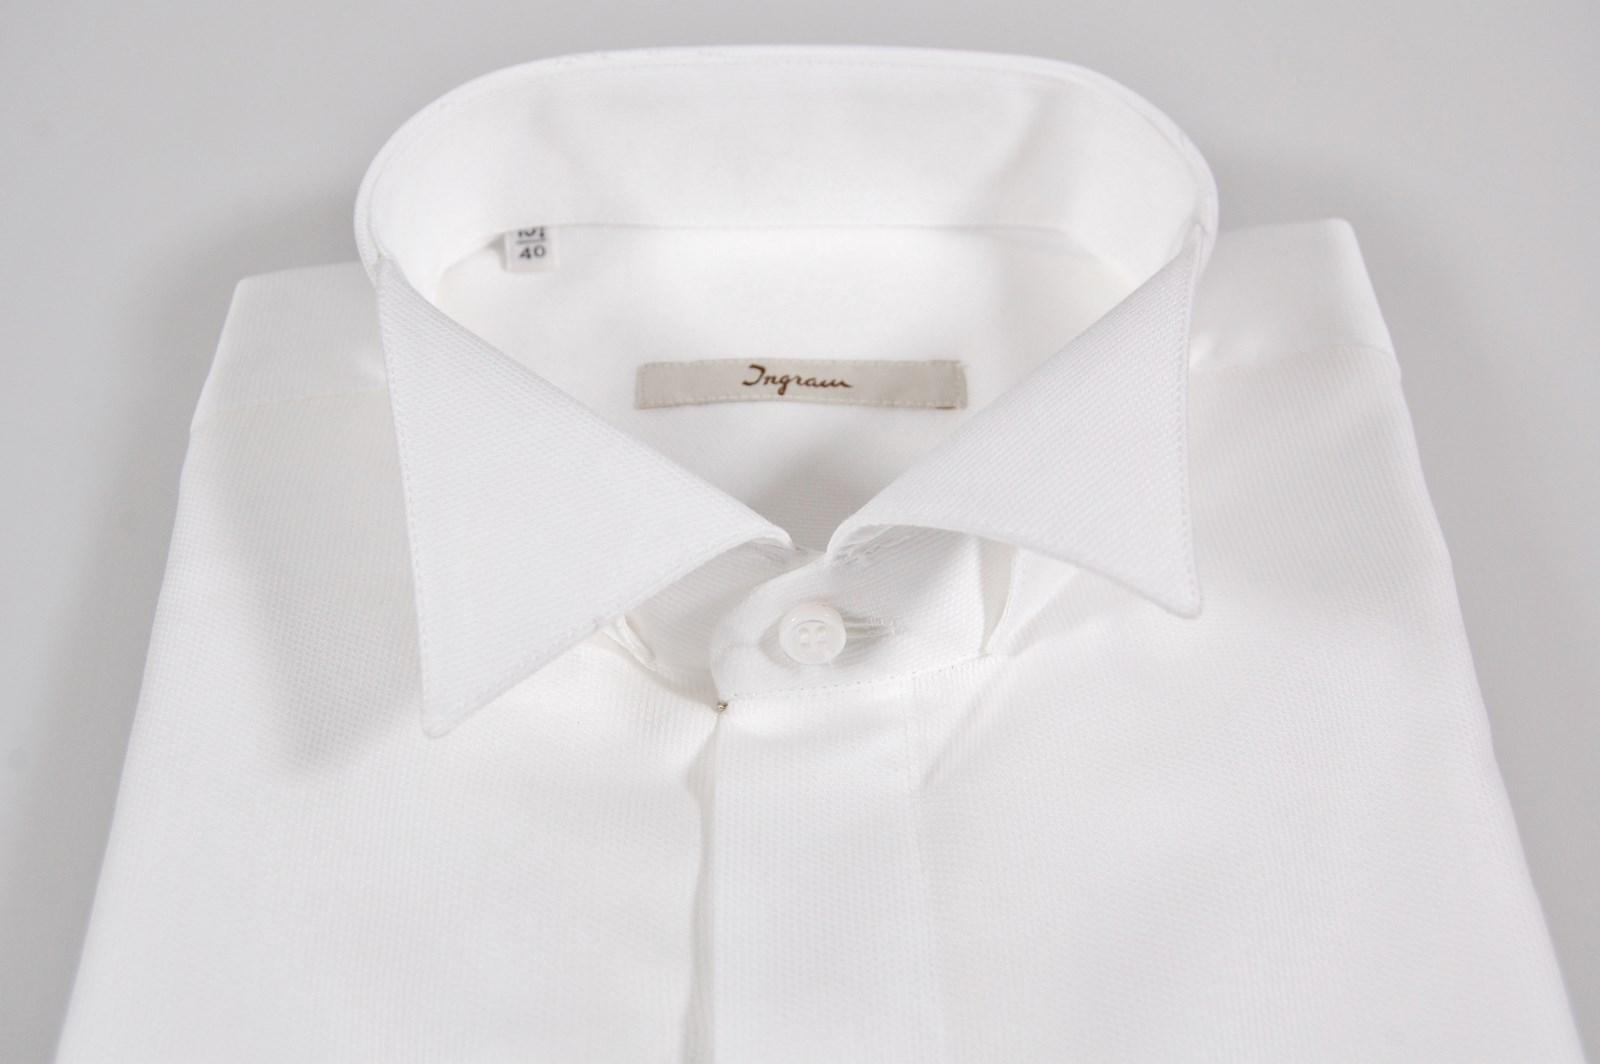 buy online 67b3e 47740 Dettagli su Camicia Elegante Cerimonia Ingram collo Diplomatico polso  doppio 100% Cotone